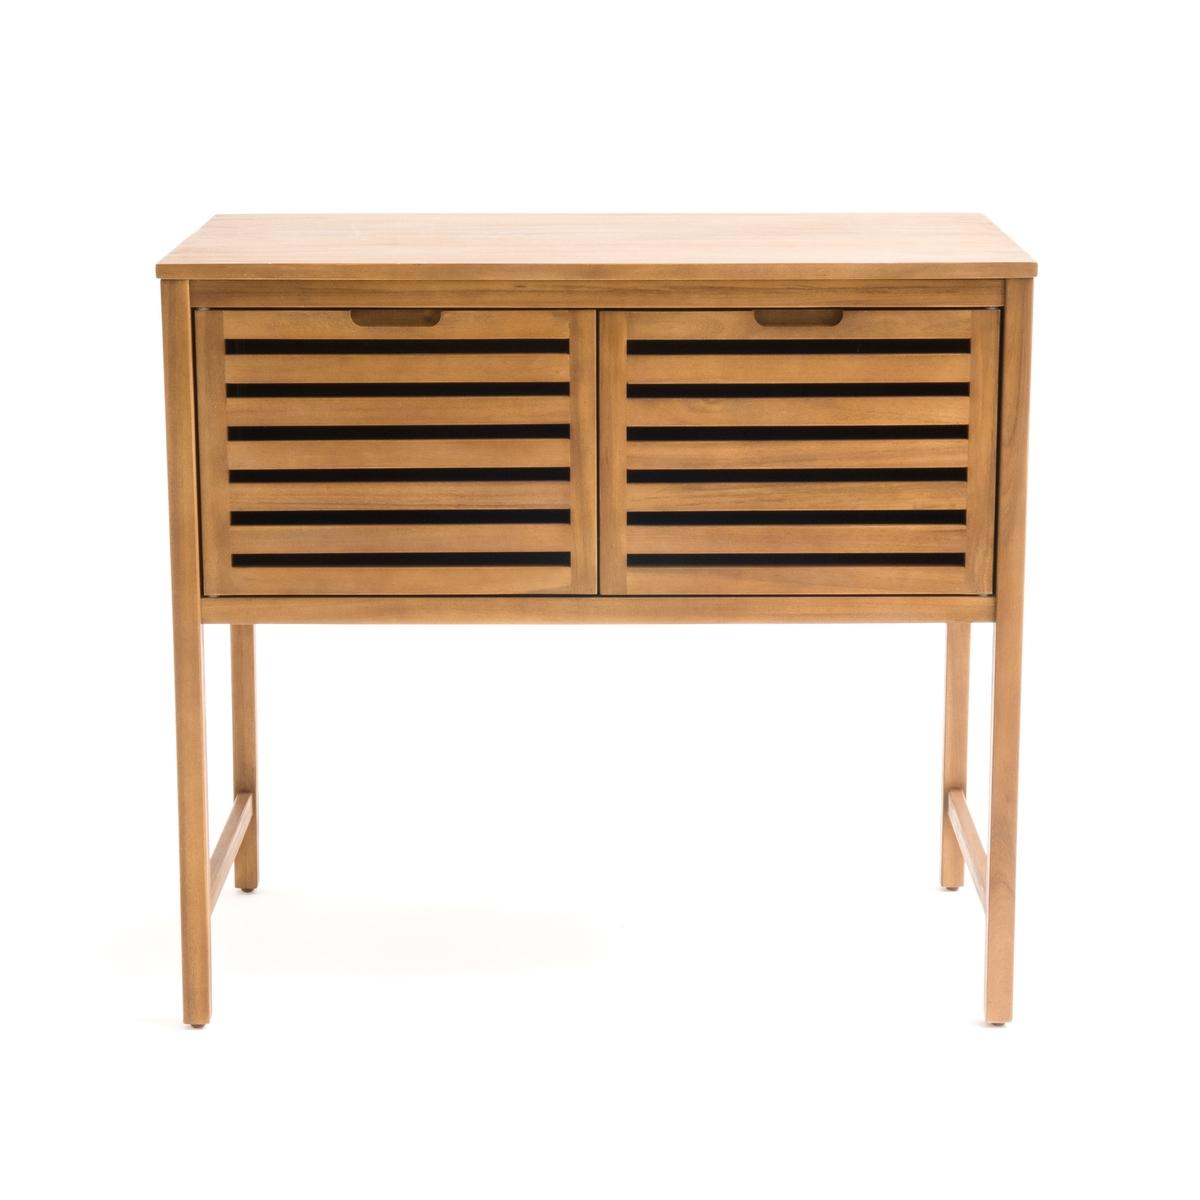 Мебель для ванной комнаты из акации с масляным покрытием, HAUMÉA мебель для ванной comforty